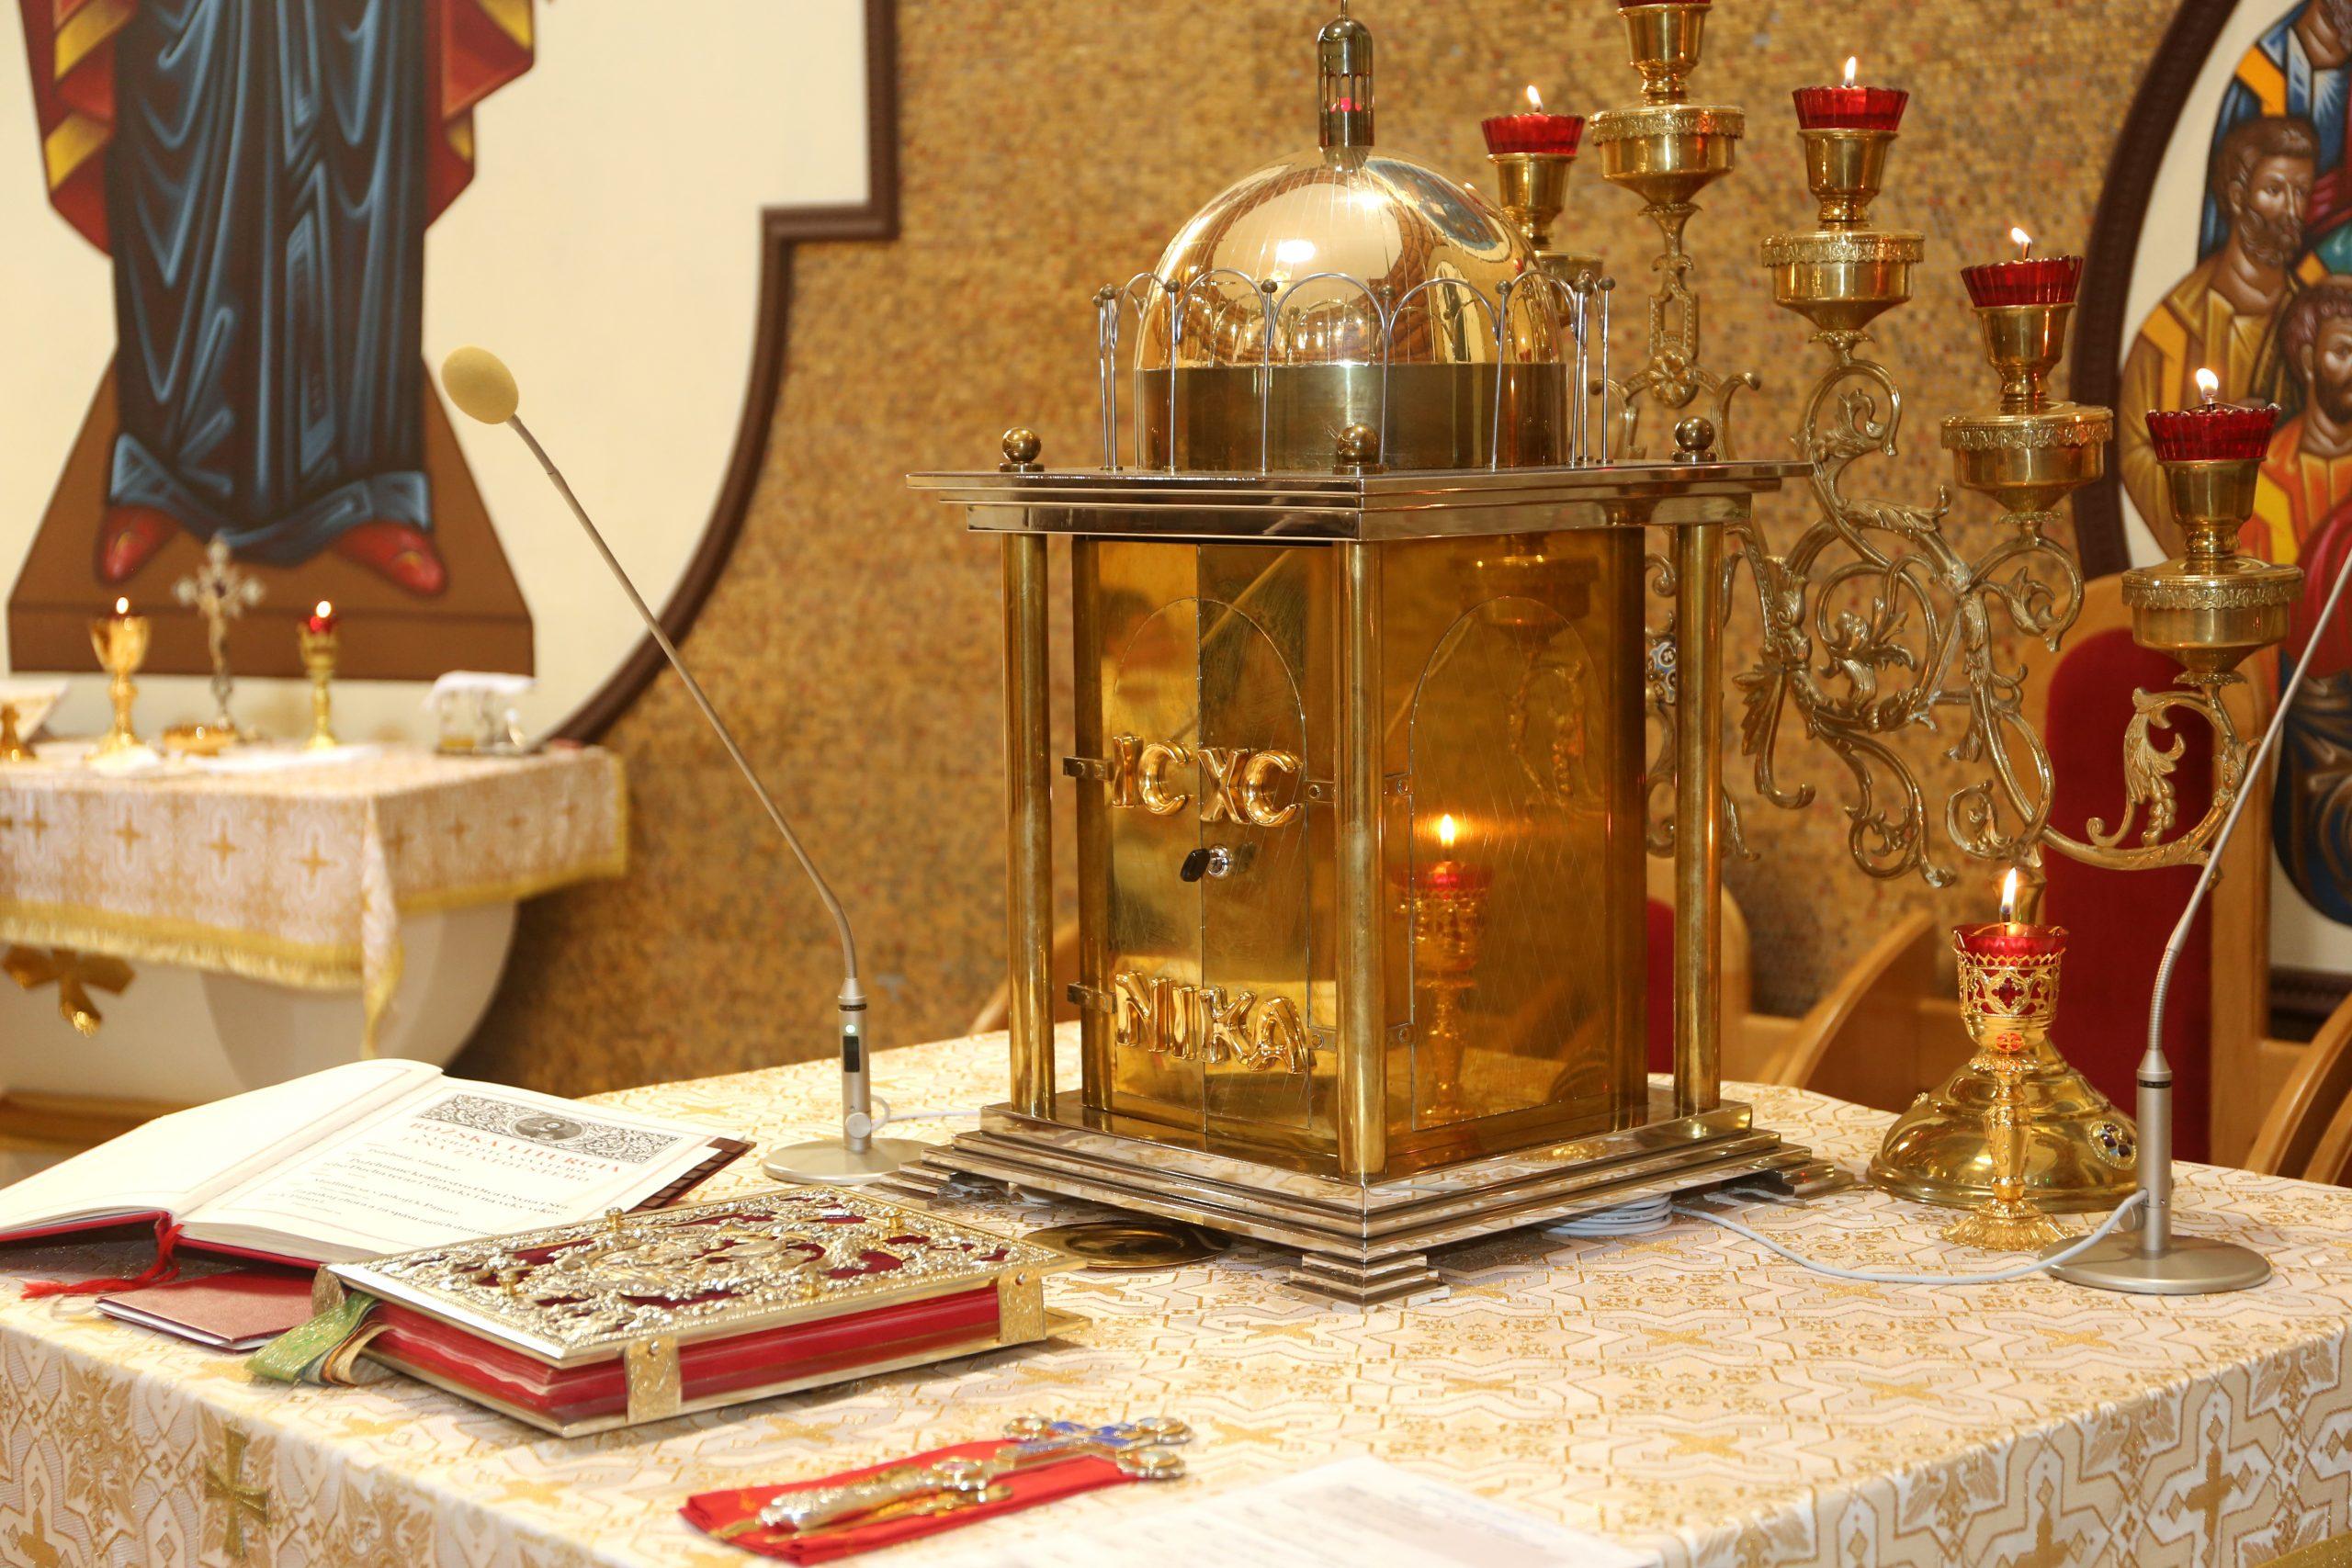 Verejné liturgie sú povolené od pondelka 16.11.2020